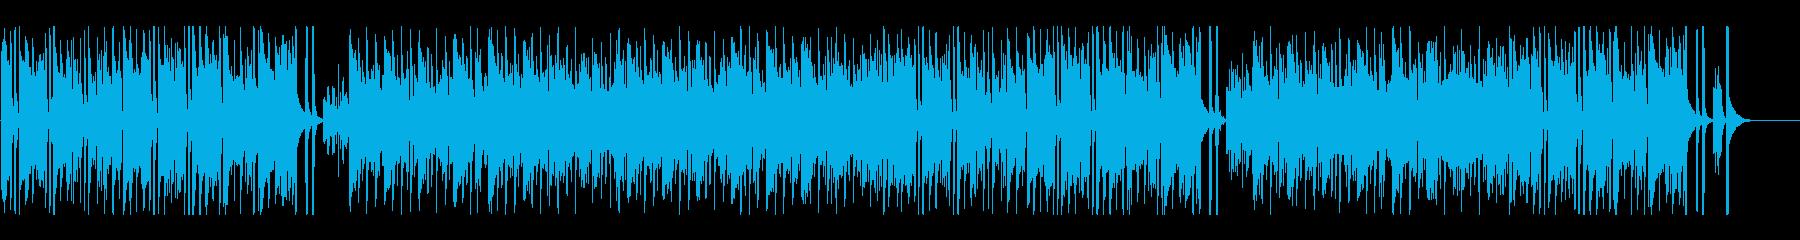 情報 天気予報 昼さがり ティータイムの再生済みの波形